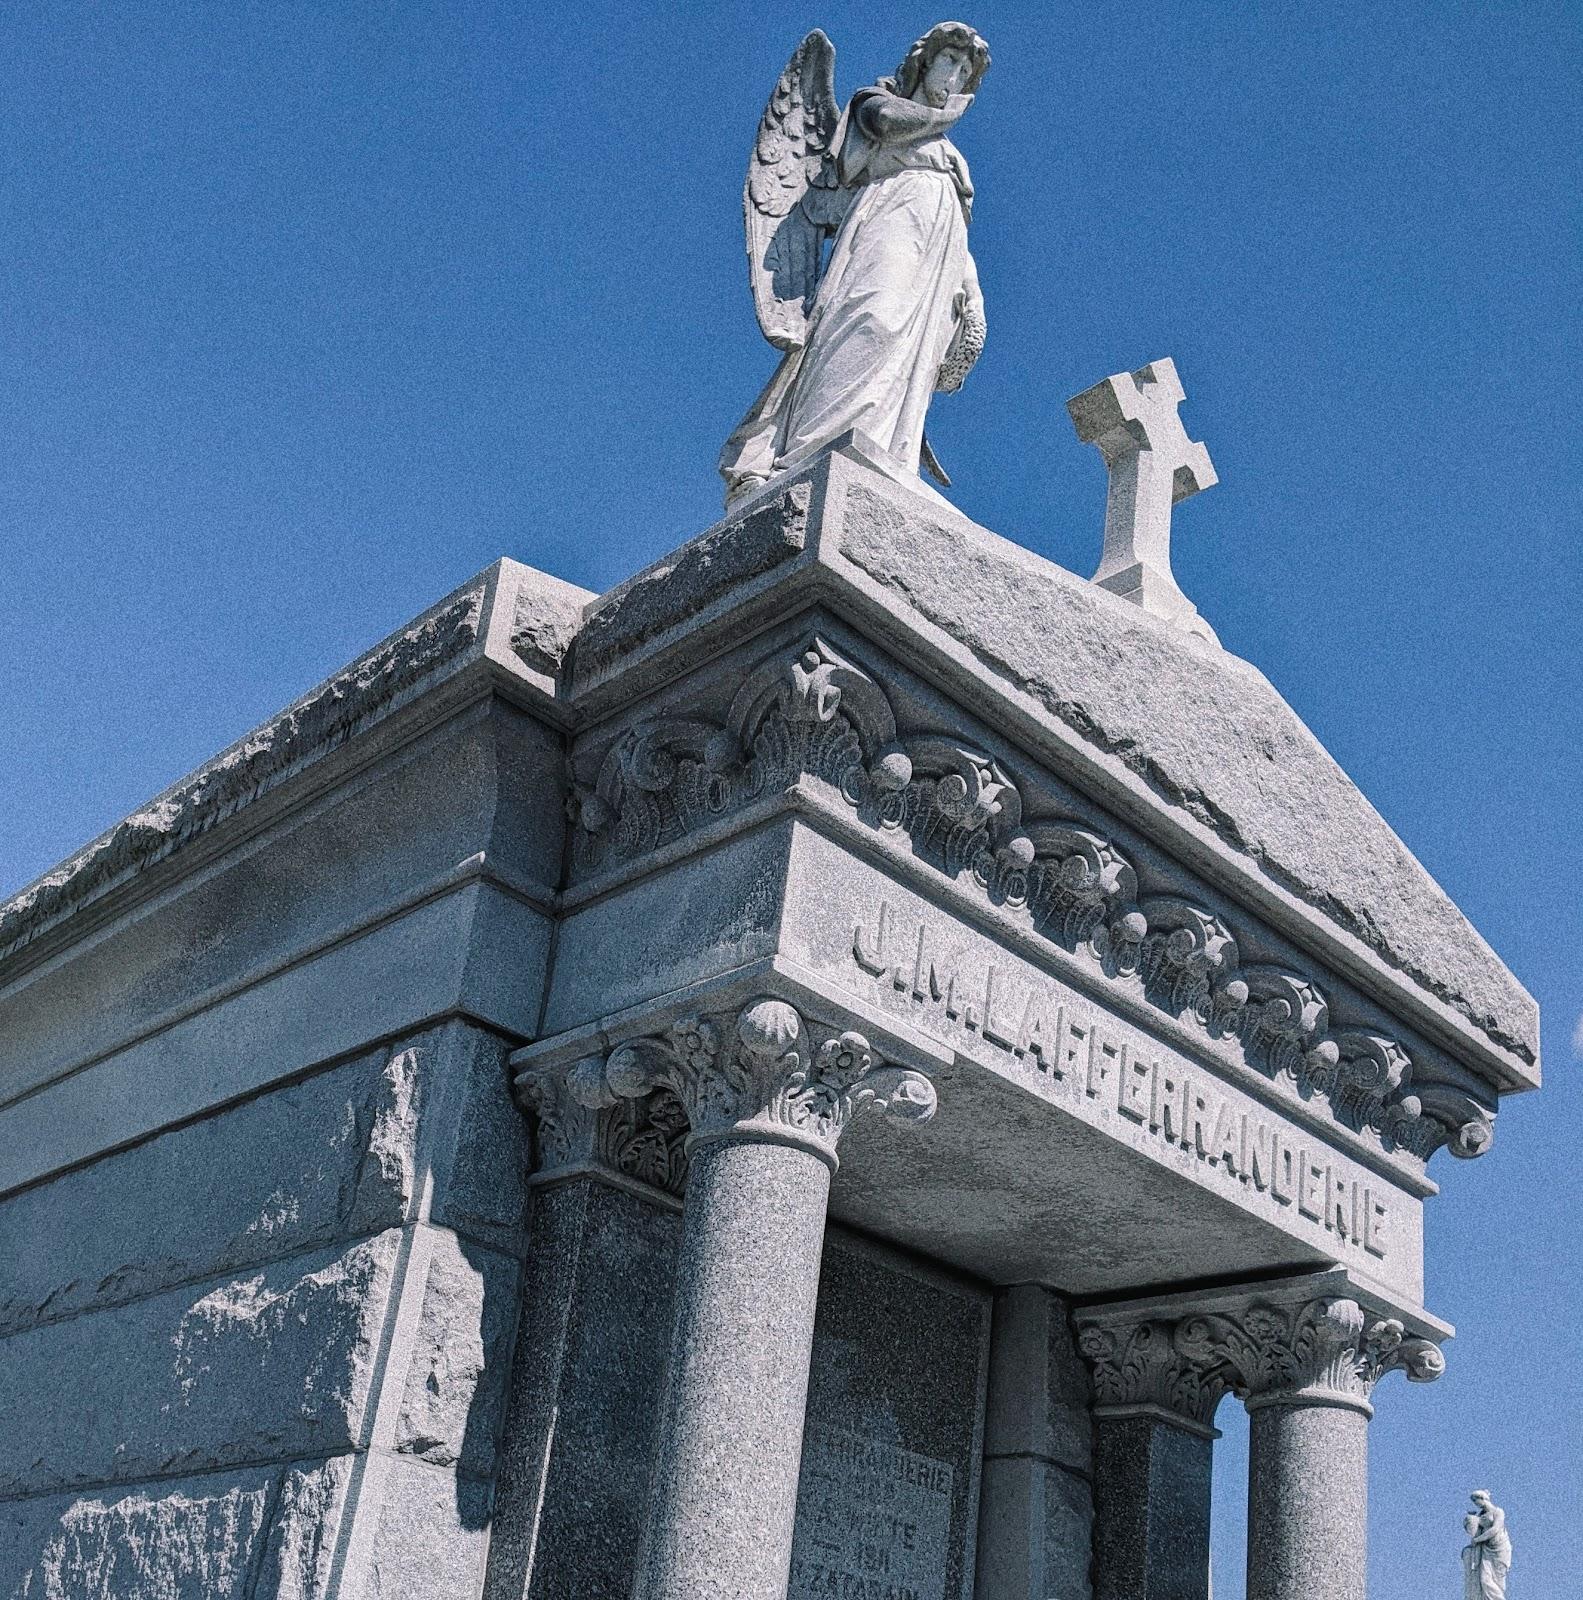 הסיפור של ניו אורלינס היסטוריה וחוויות